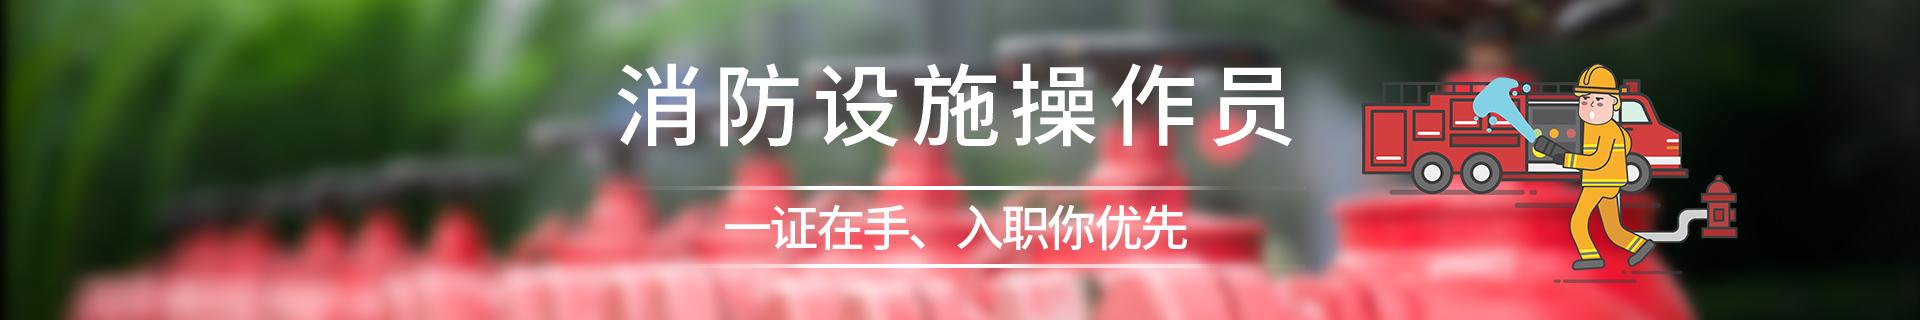 福建三明优路教育培训学校